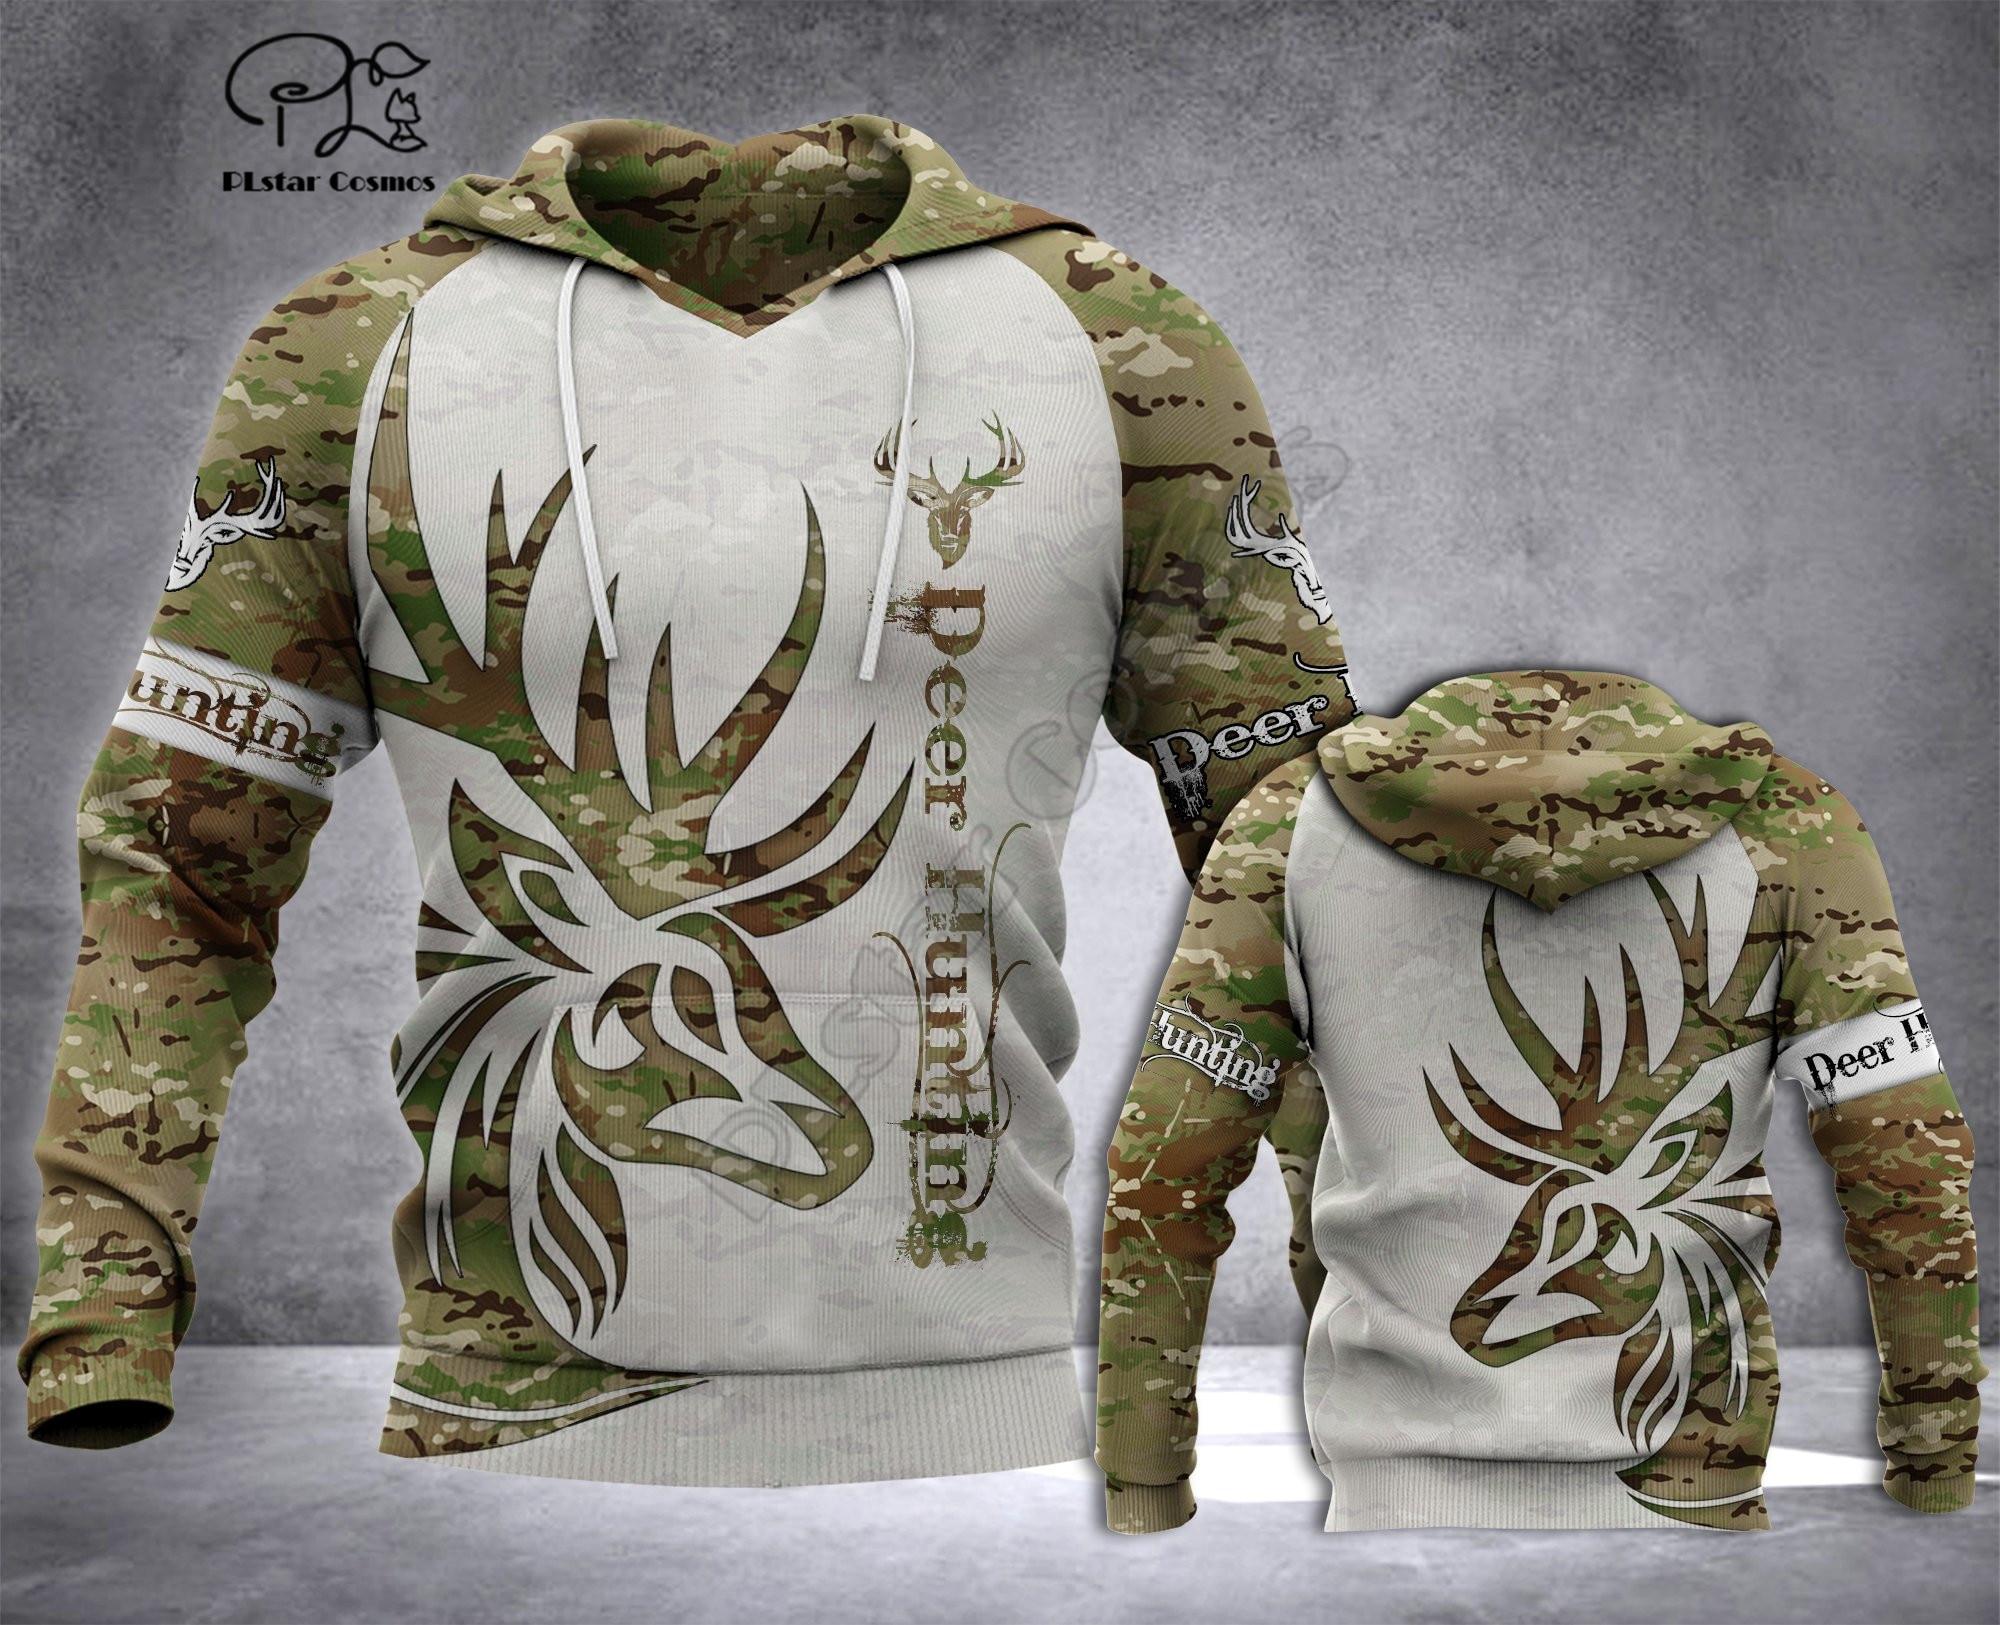 Veados caça camo hoodies 3d impresso amor cavalo moletom com capuz harajuku outono streetwear feminino inimigo masculino casual agasalho